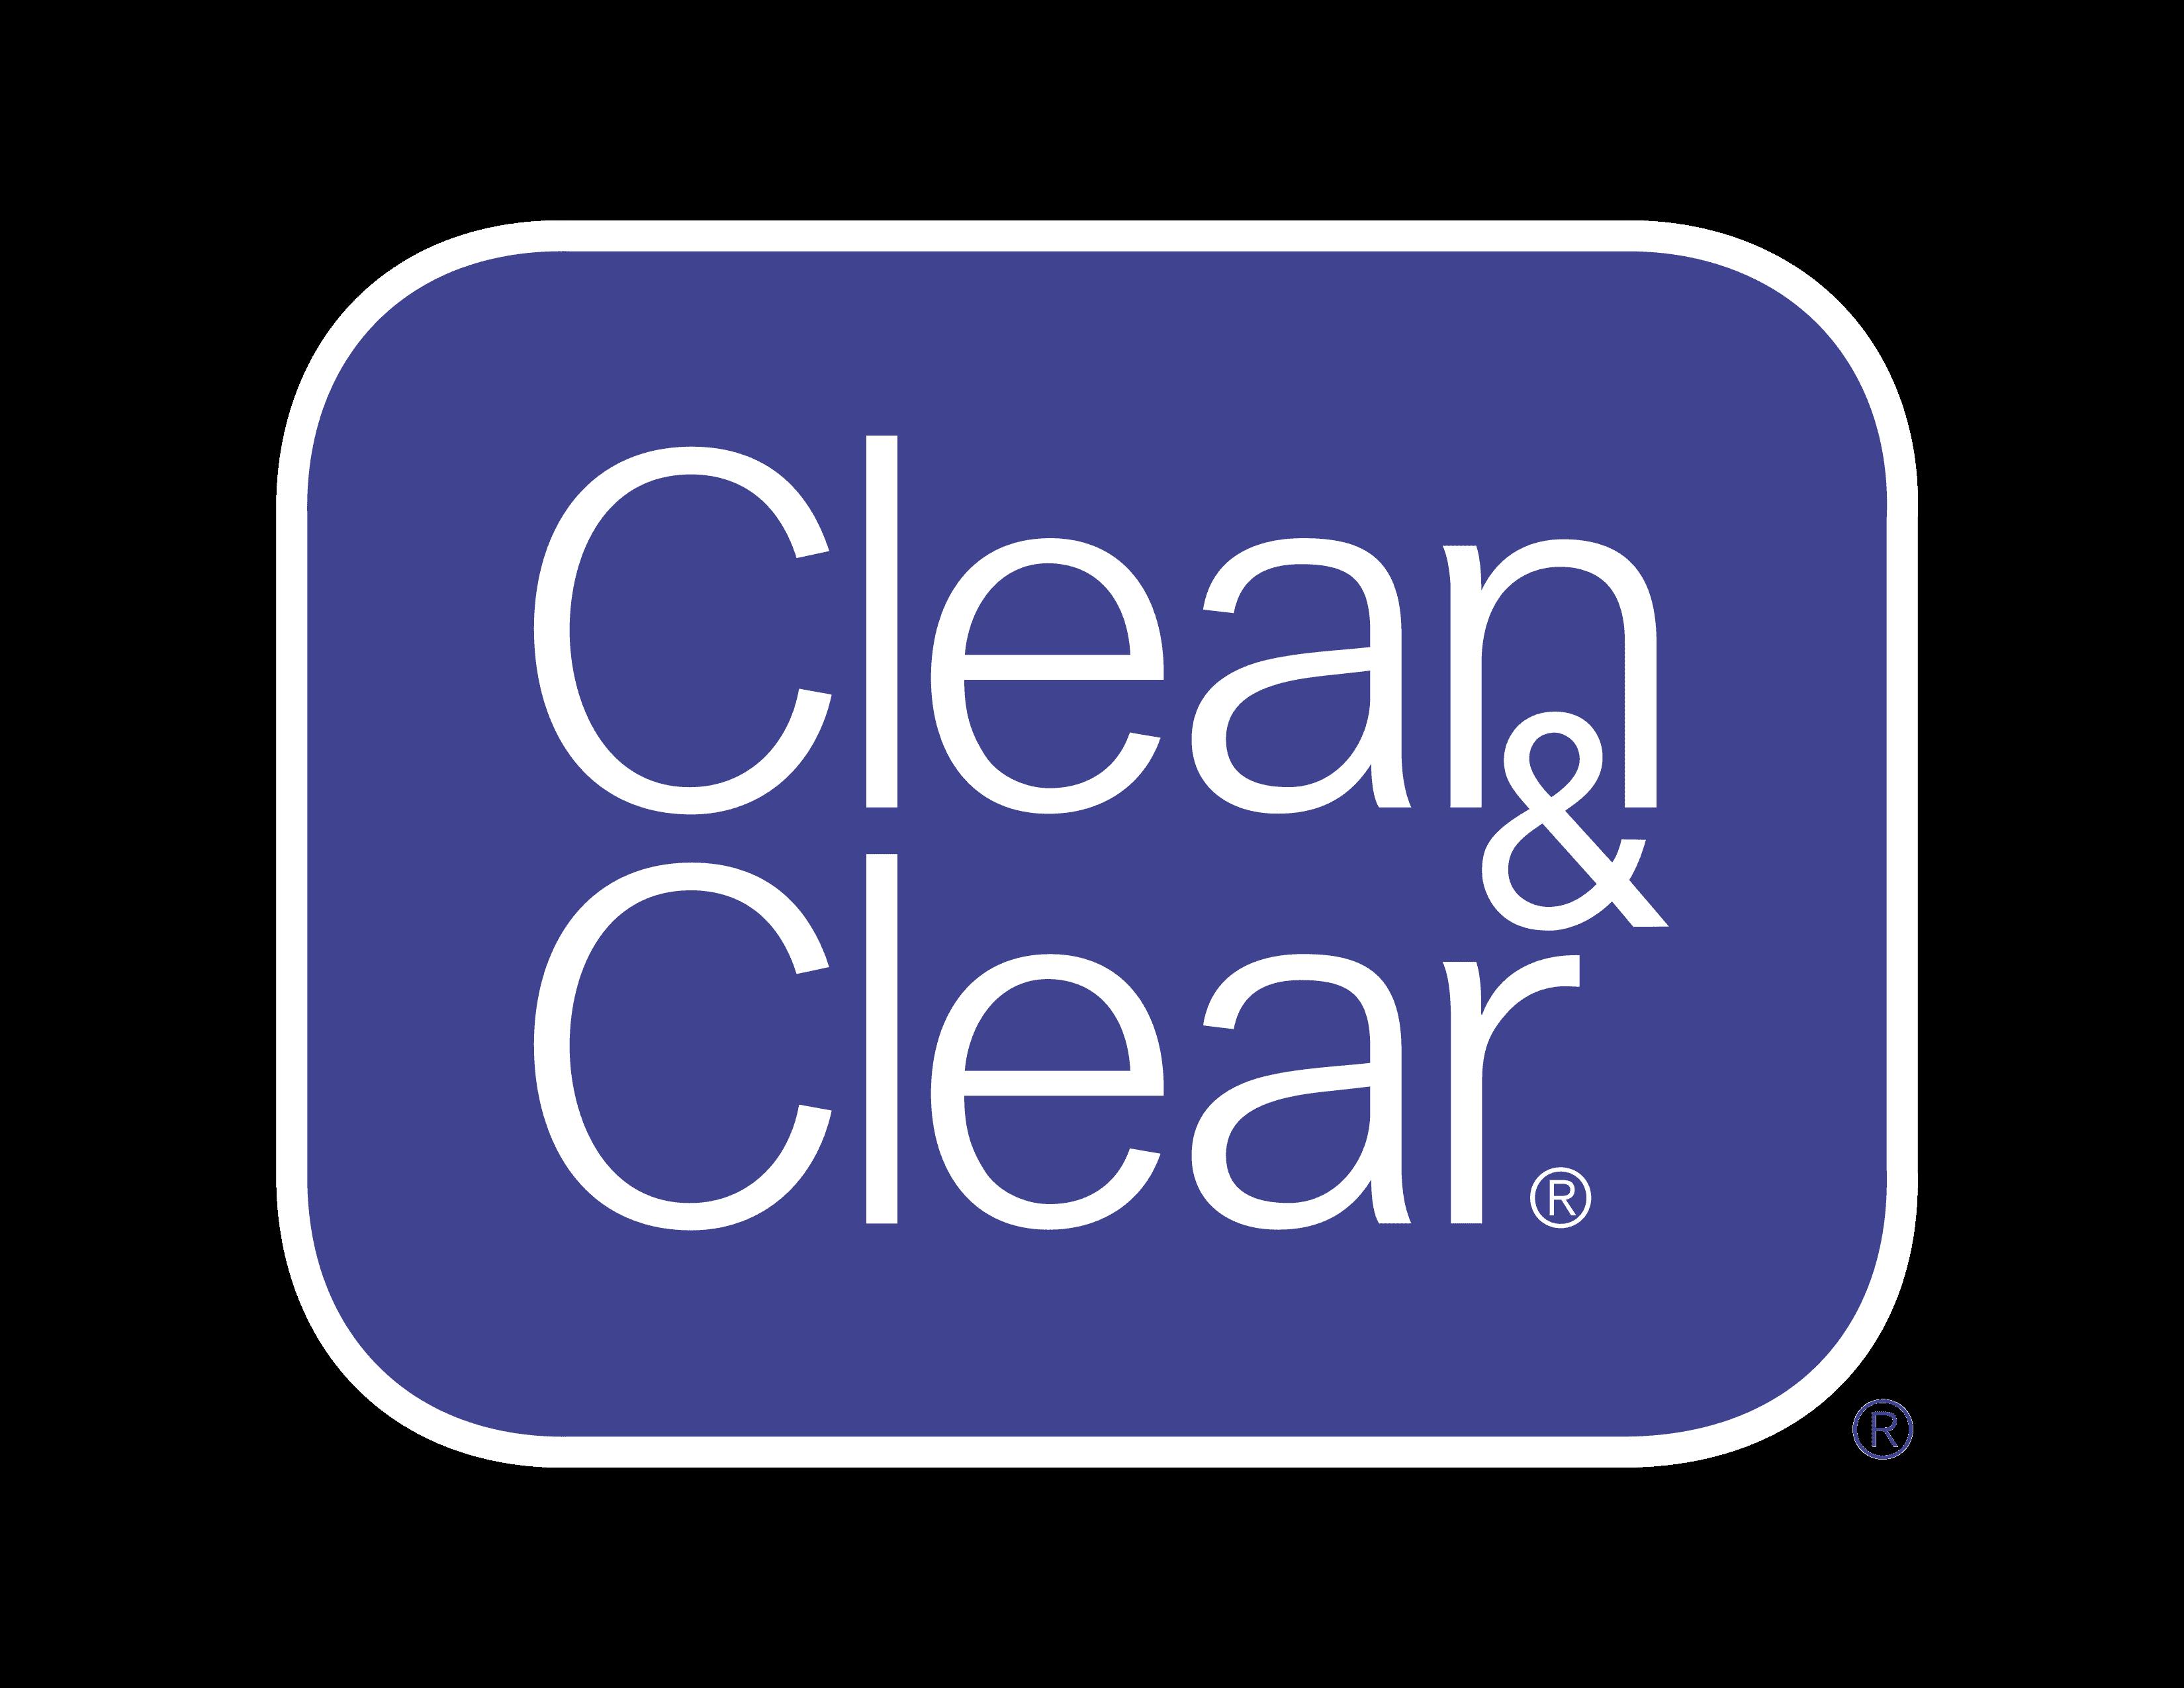 Clean & Clear Home